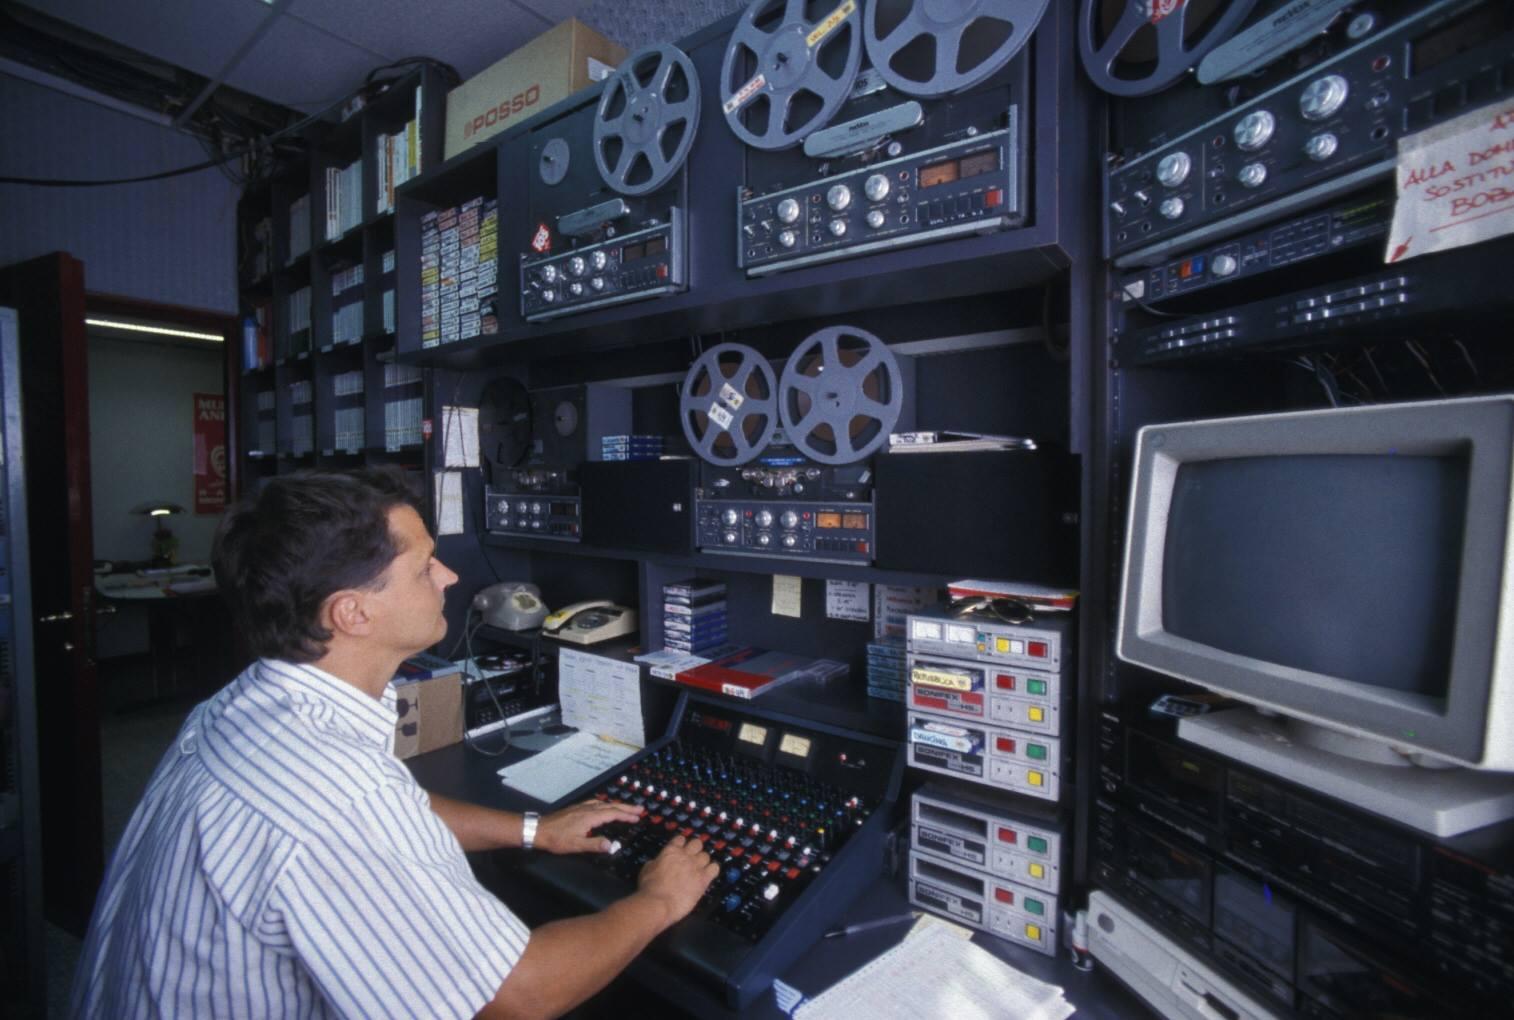 radio studio 105 - Storia della radiotelevisione italiana. Milano, 1975-1980: tripudio della radiofonia effimera